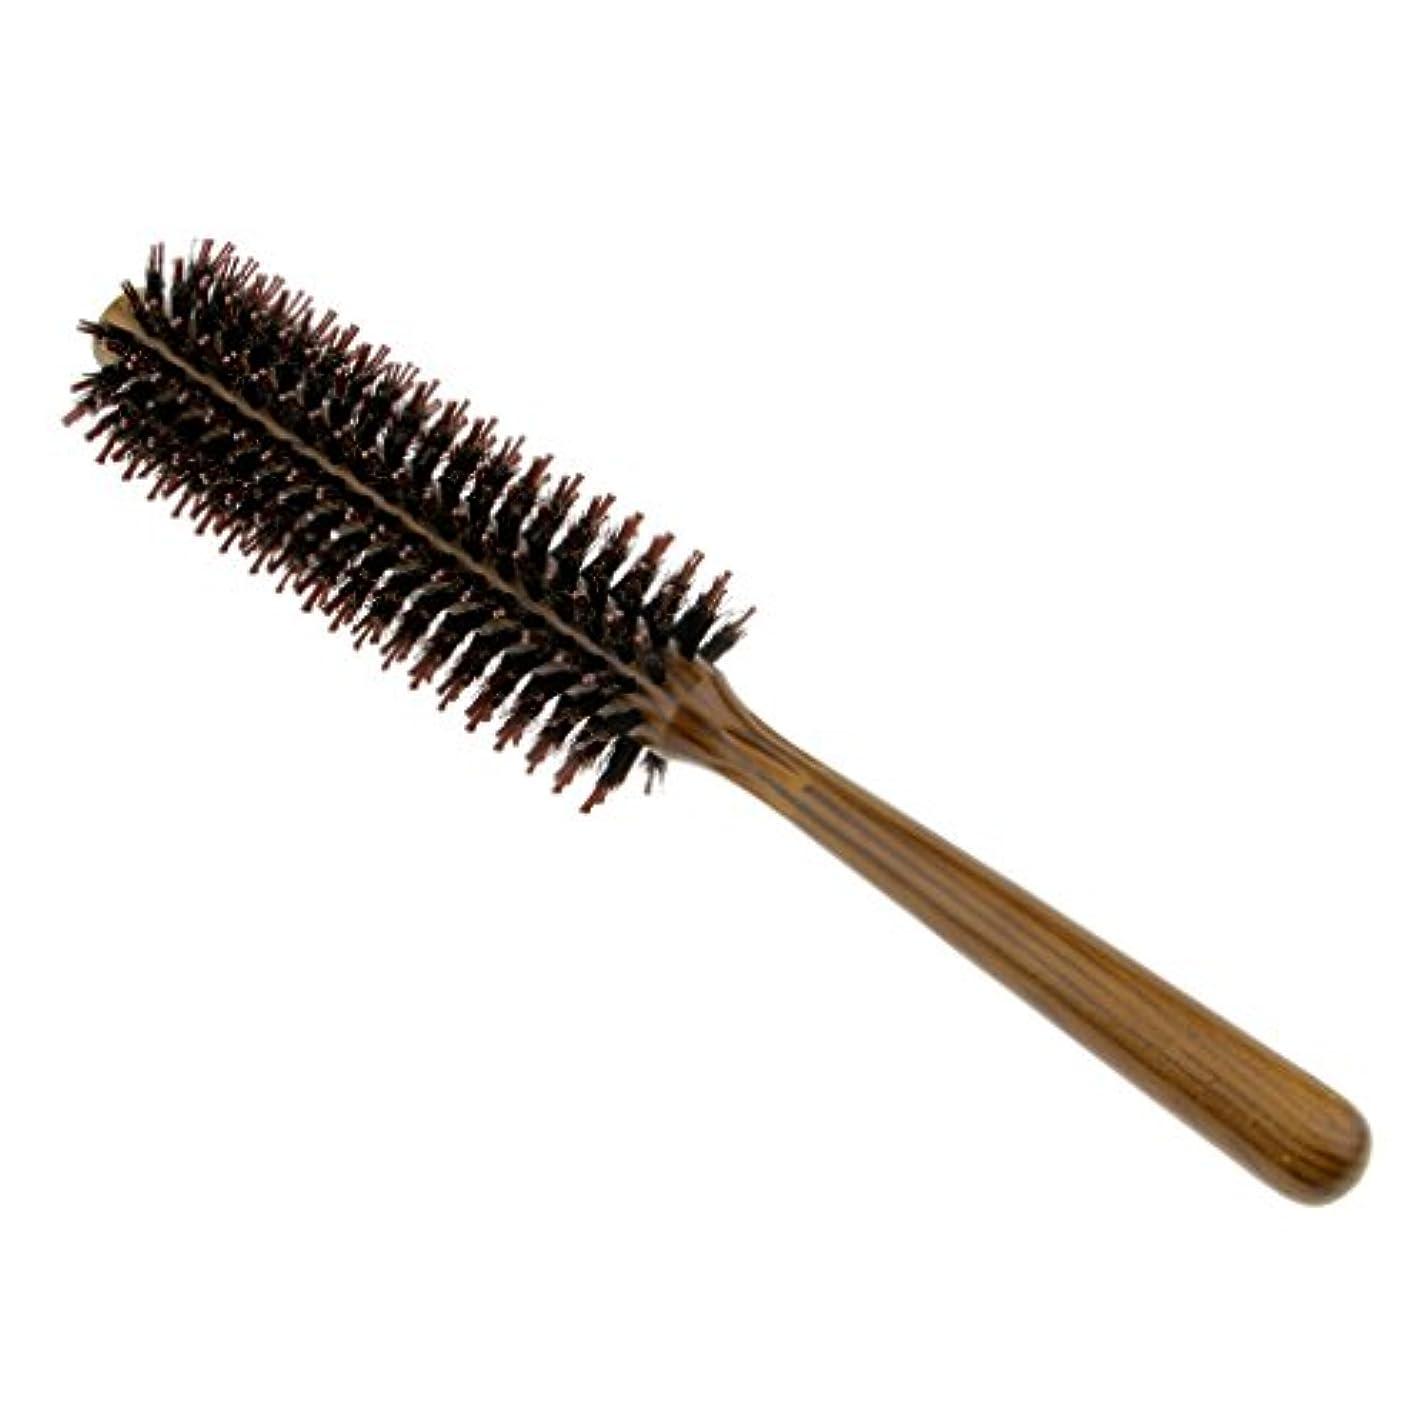 ビート割り当てます刺しますFutuHome サロン剛毛カーリングヘアラウンドブラシバレルヘアスタイリングコームヘアブラシ - S